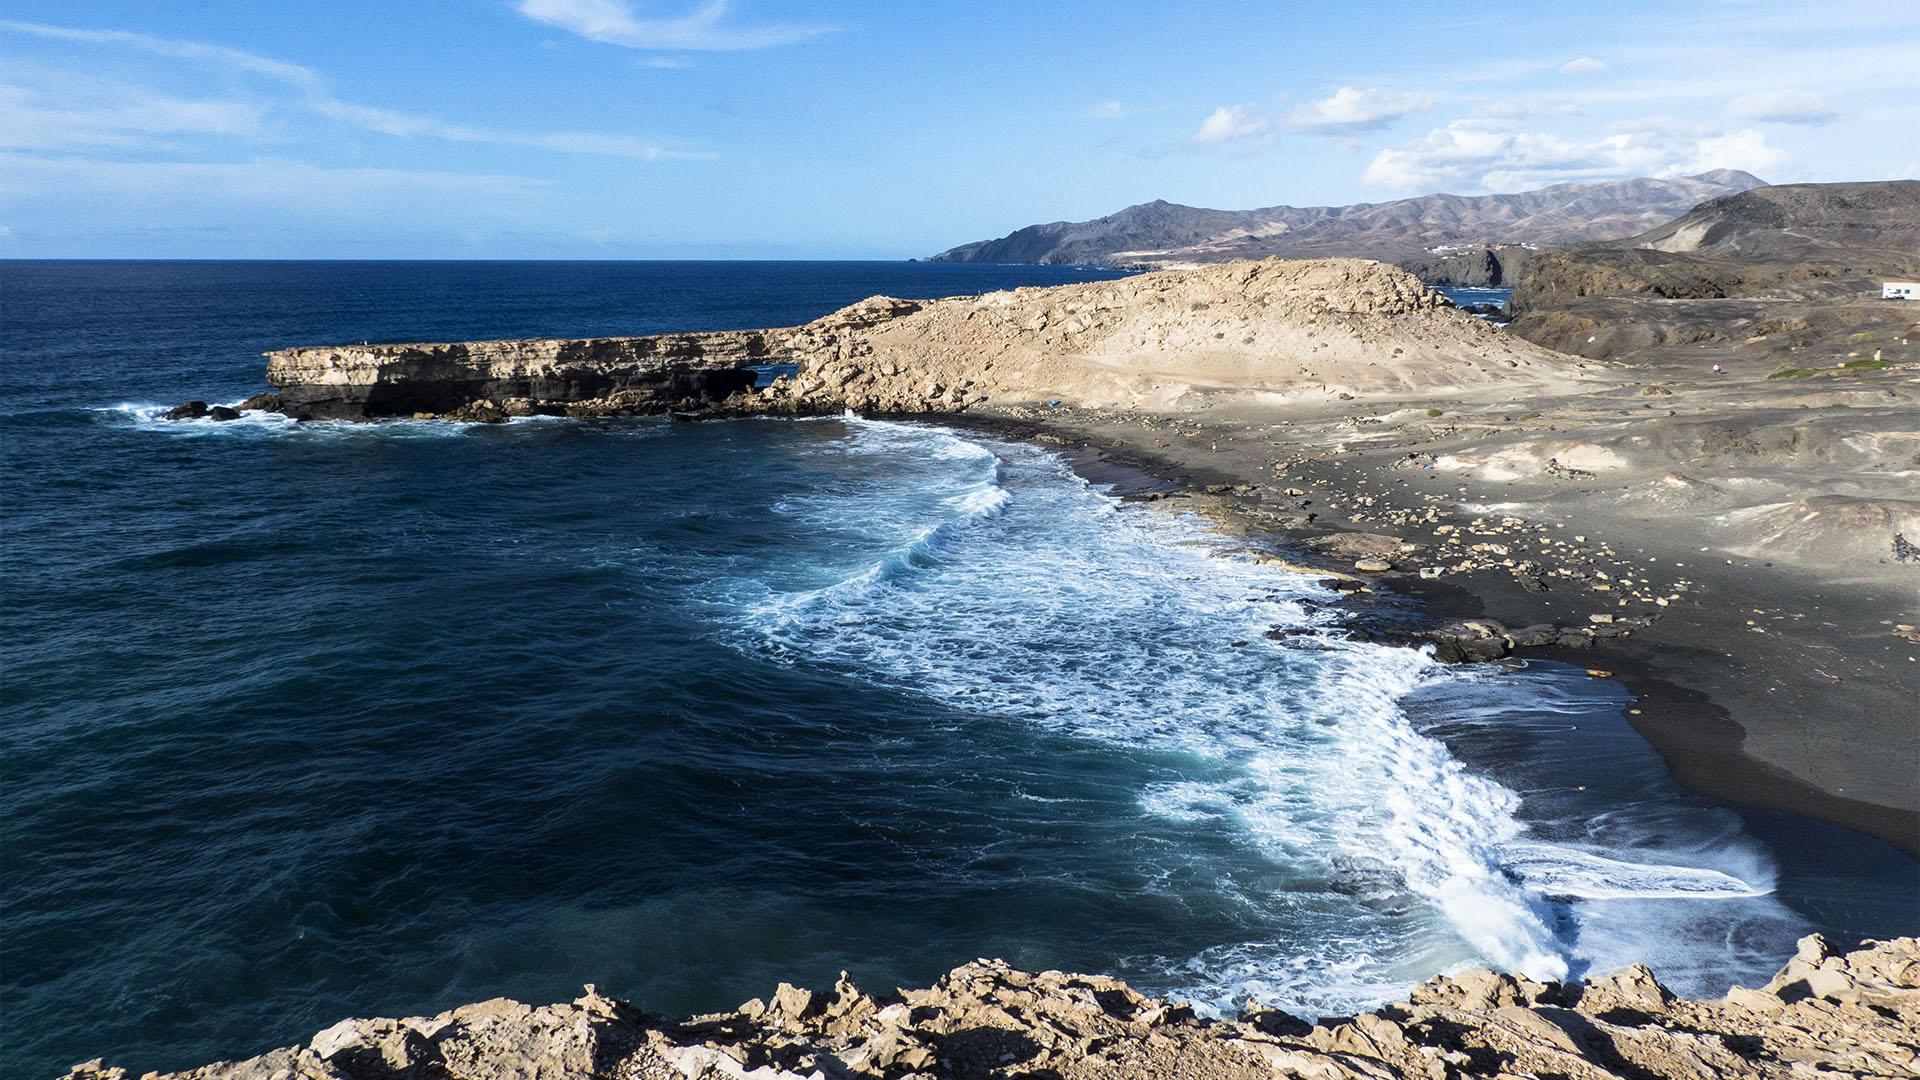 Sehenswürdigkeiten Fuerteventuras: La Pared – Punta de Guadelupe